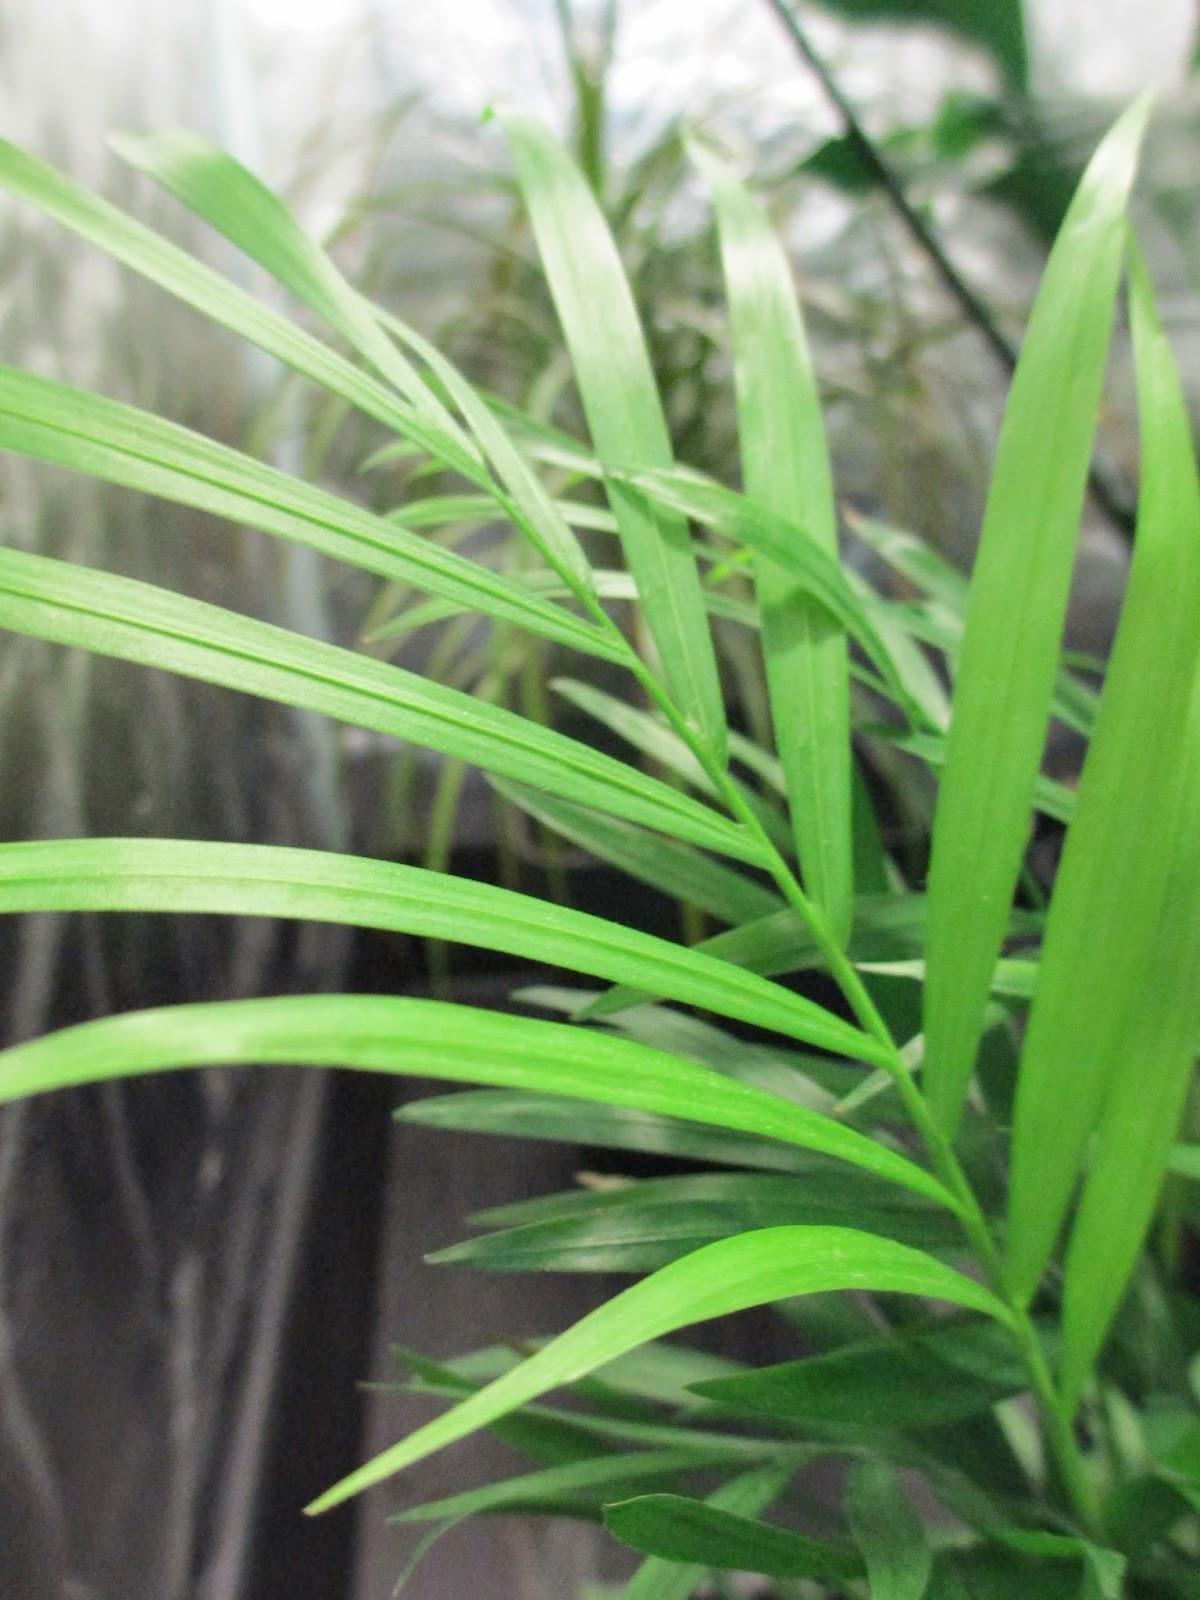 La mar de verde chamaedorea elegans o palmera de salon - Planta de salon ...